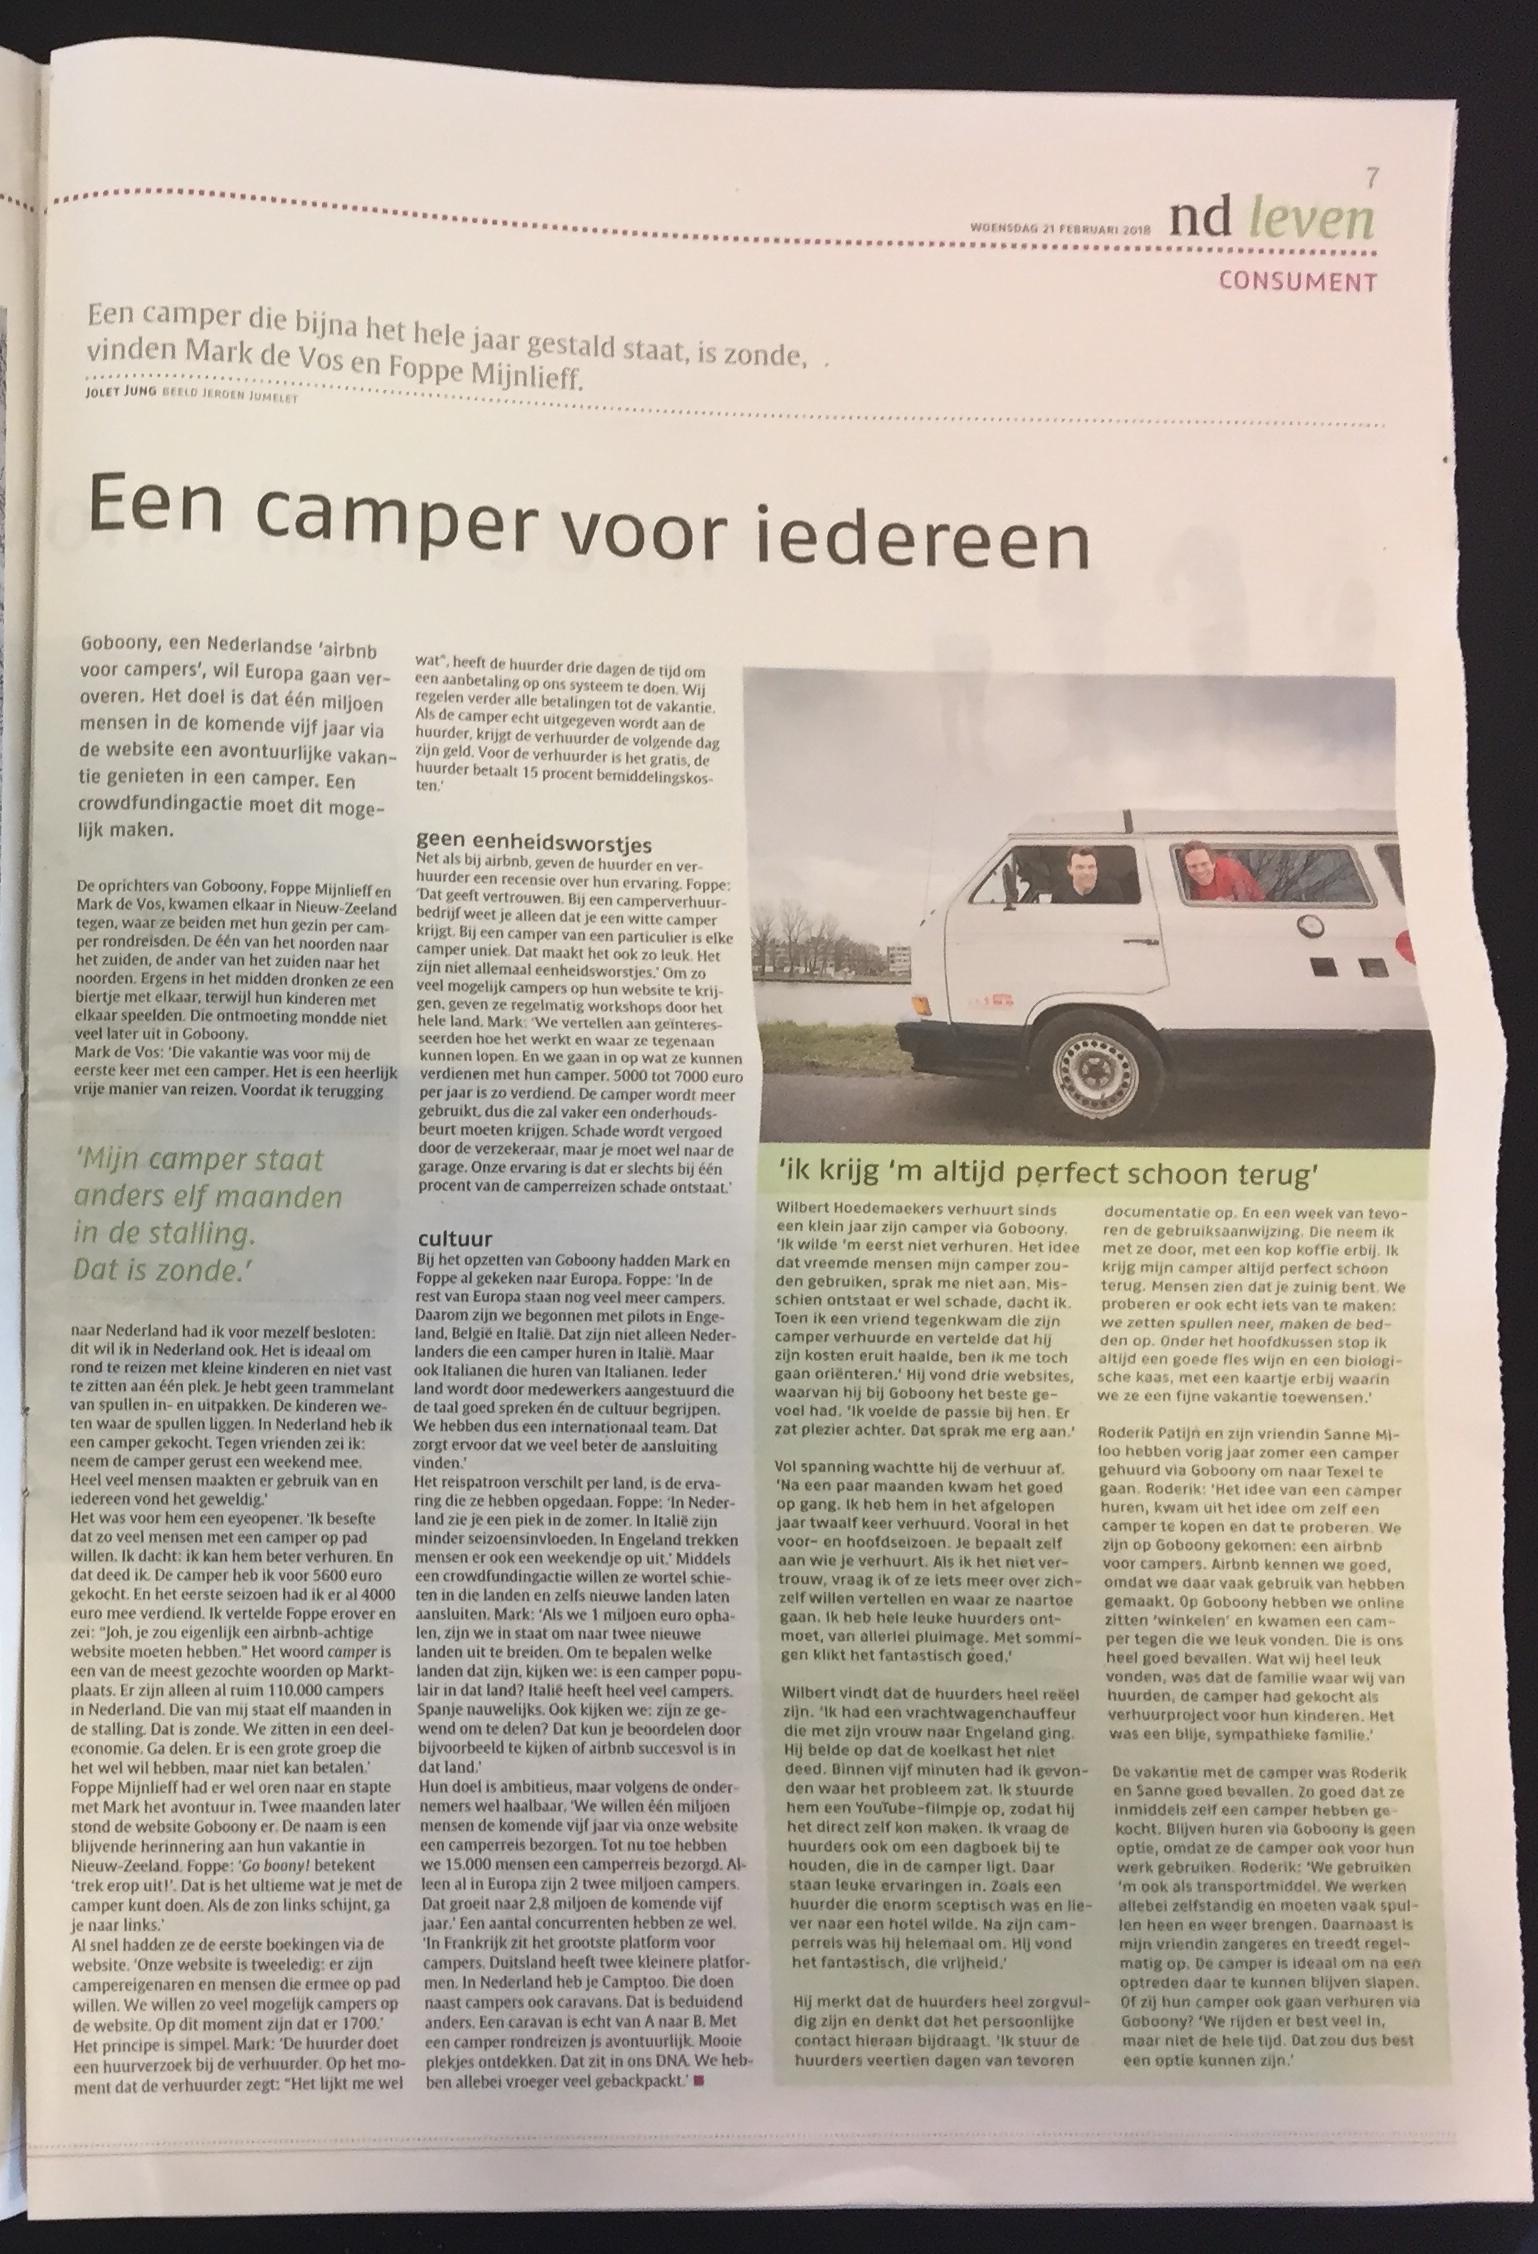 Camper-voor-iedereen-Goboony-Nederlands-Dagblad-crowdfunding